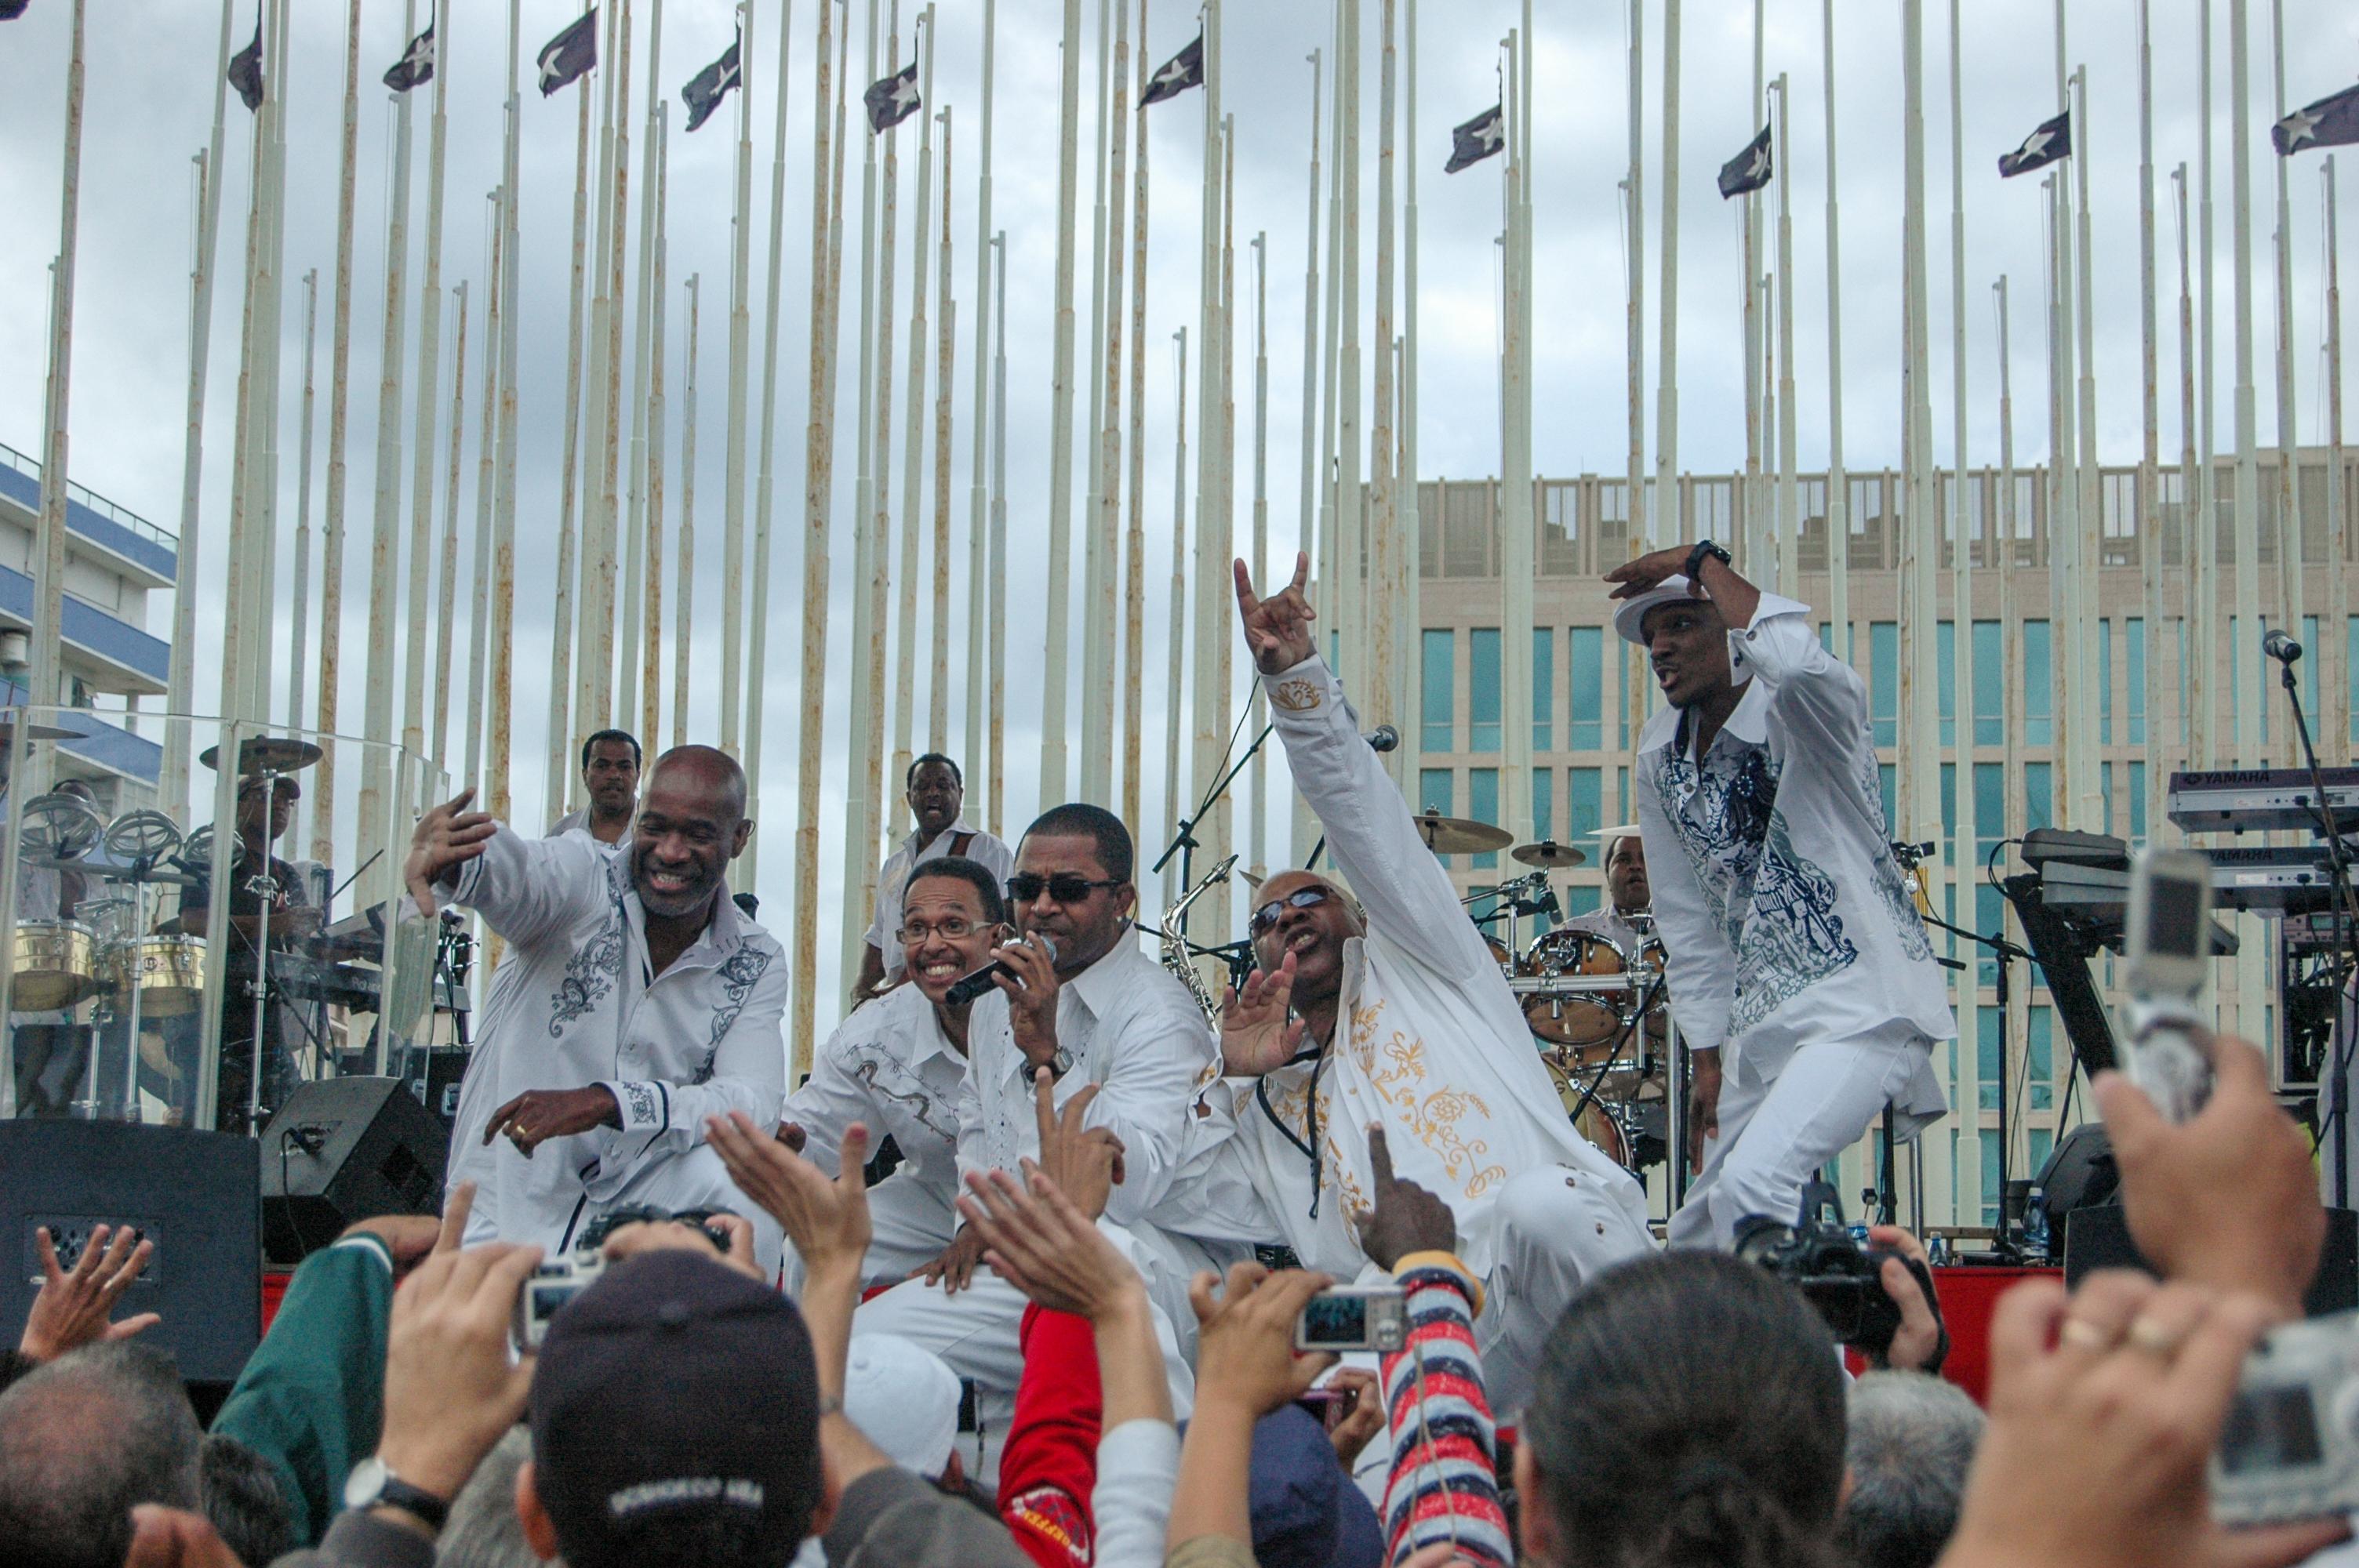 Concierto de Kool & The Gang en la Tribuna Antiimperialista José Martí, 20 de diciembre de 2009. Foto: Kaloian.